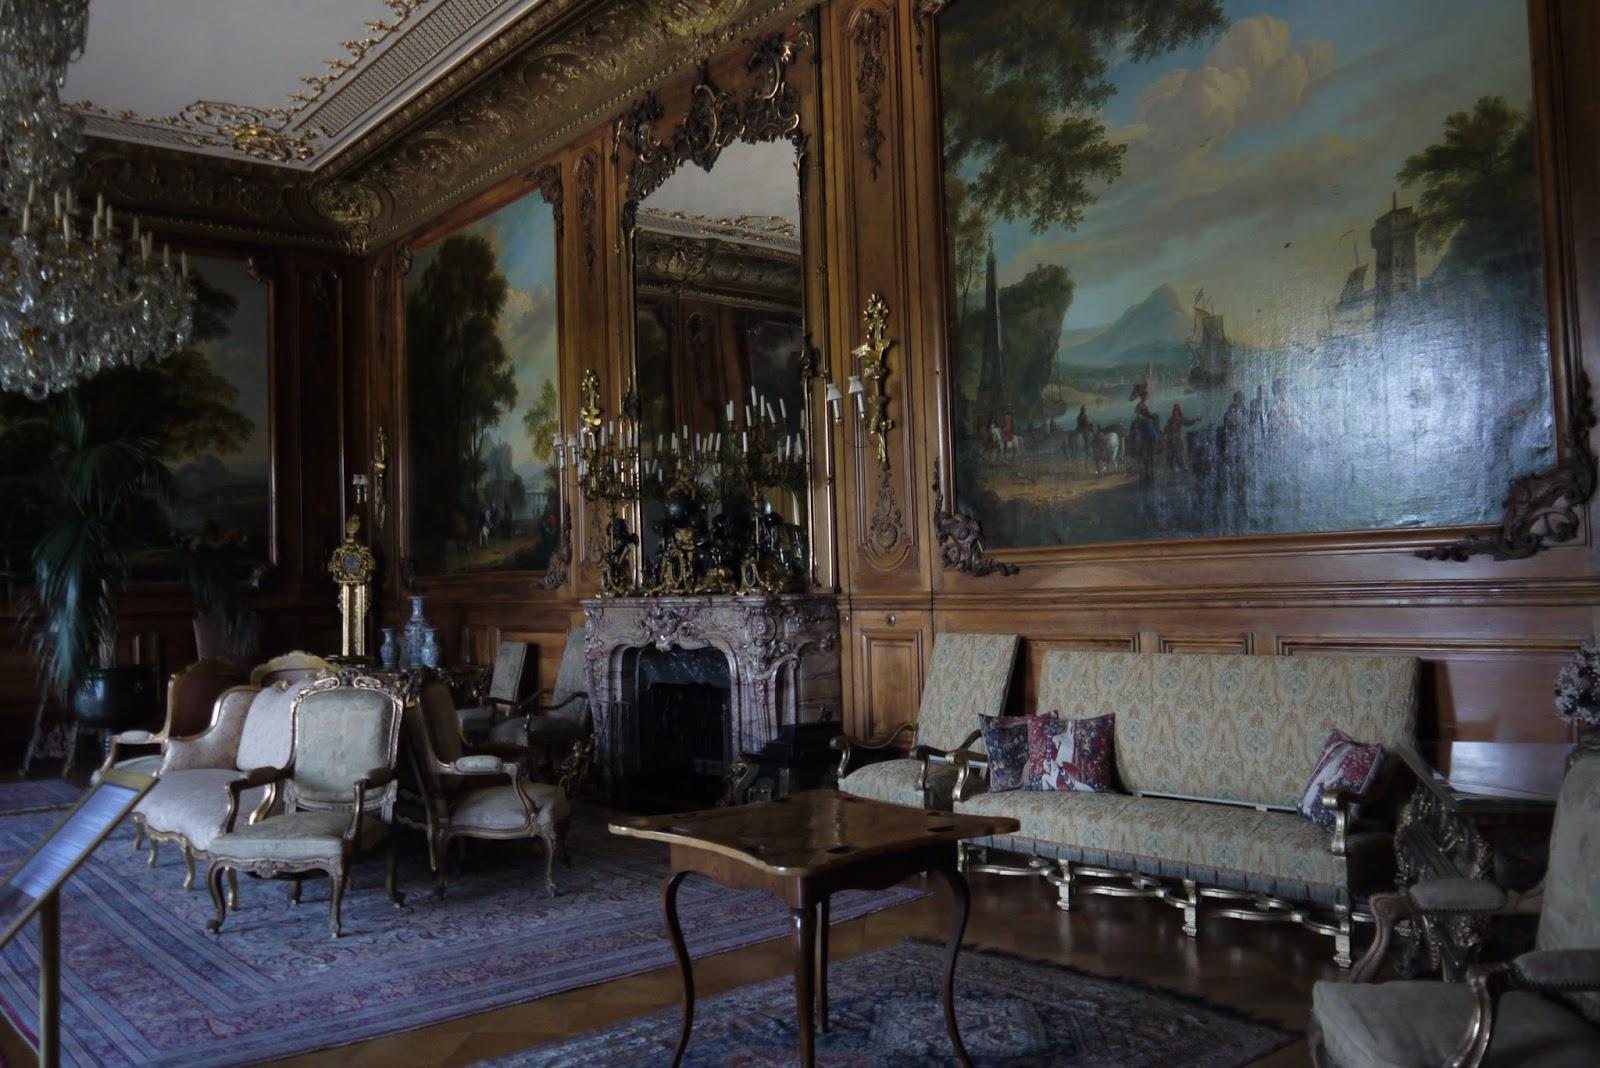 d55c6224 Podróżowanie jest proste: Zamek w Pszczynie - śladami księżnej Daisy